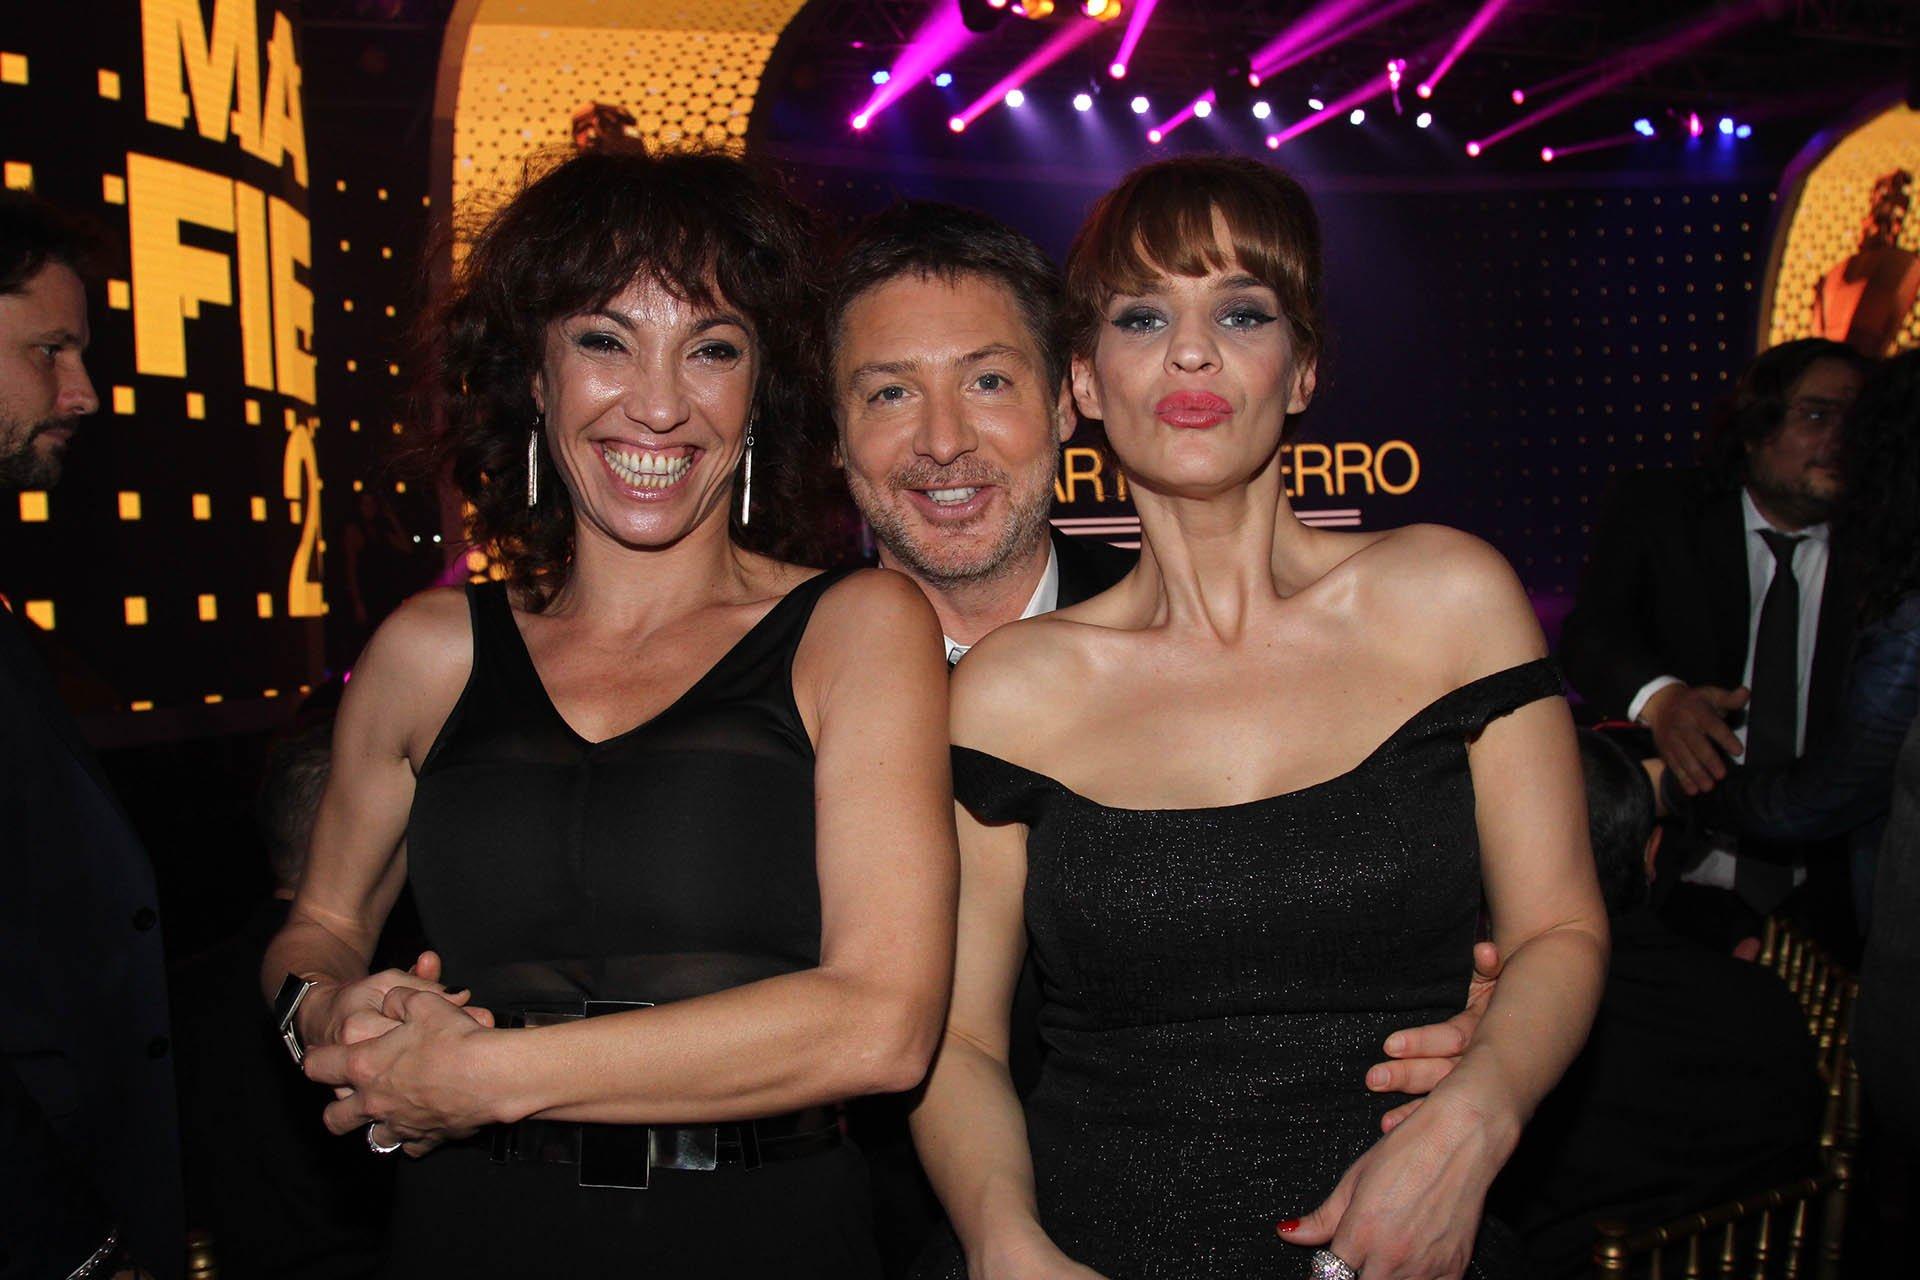 La periodista Ernestina Pais, el actor y director de programación de El Trece, Adrián Suar, y la actriz Leticia Bredice